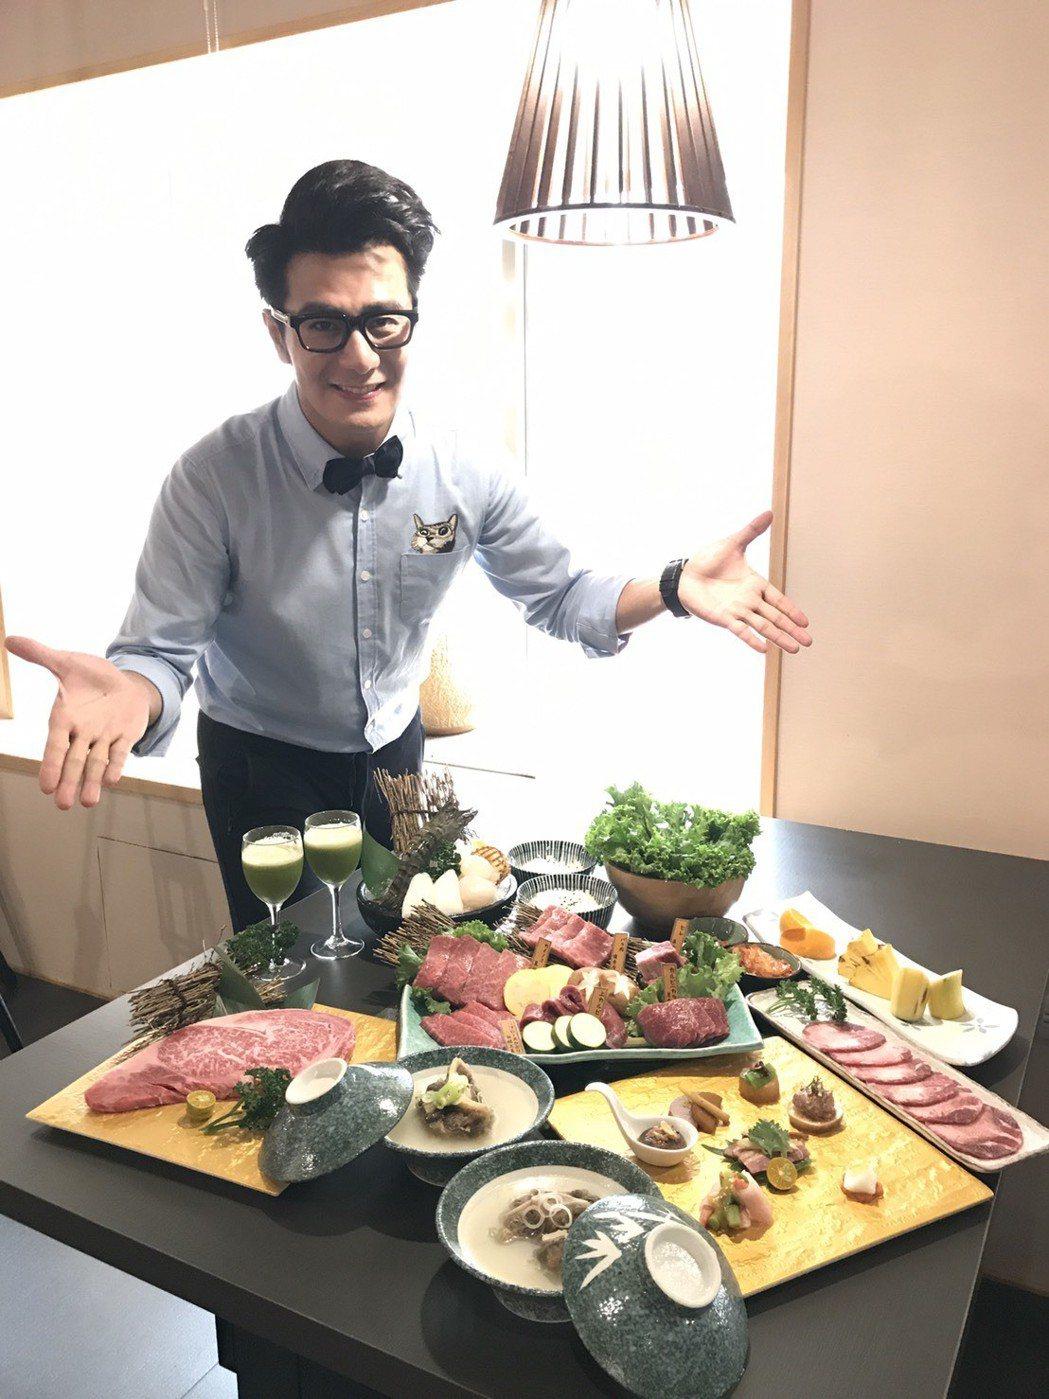 郭彥均平時為外景大魚大肉,沒工作時跟老婆只吃清淡小菜。記者葉君遠/攝影